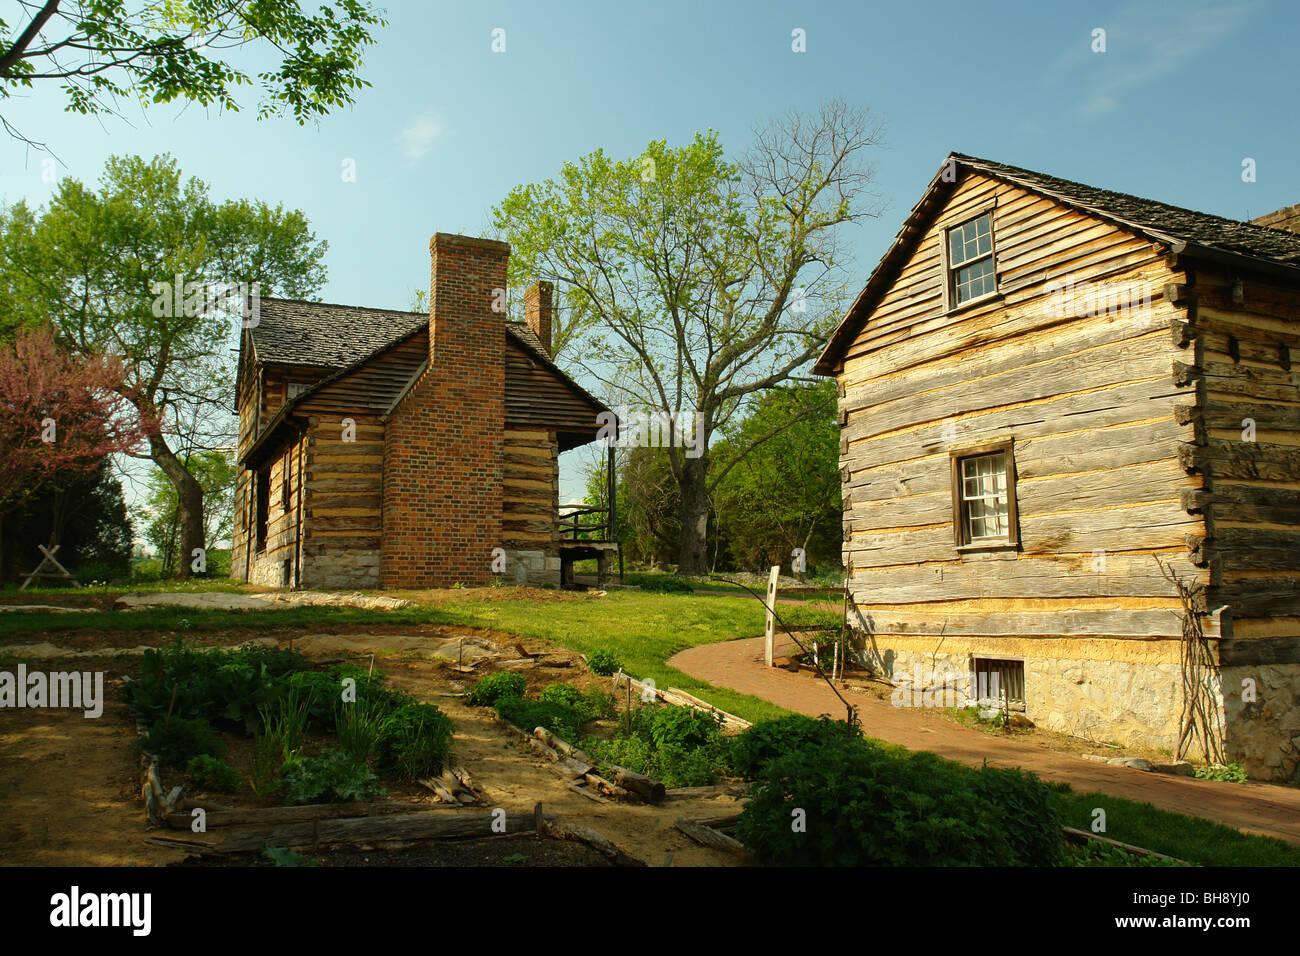 AJD64405, Piney Flats, TN, Tennessee, Musée historique d'état de Rocky Mount, house Banque D'Images